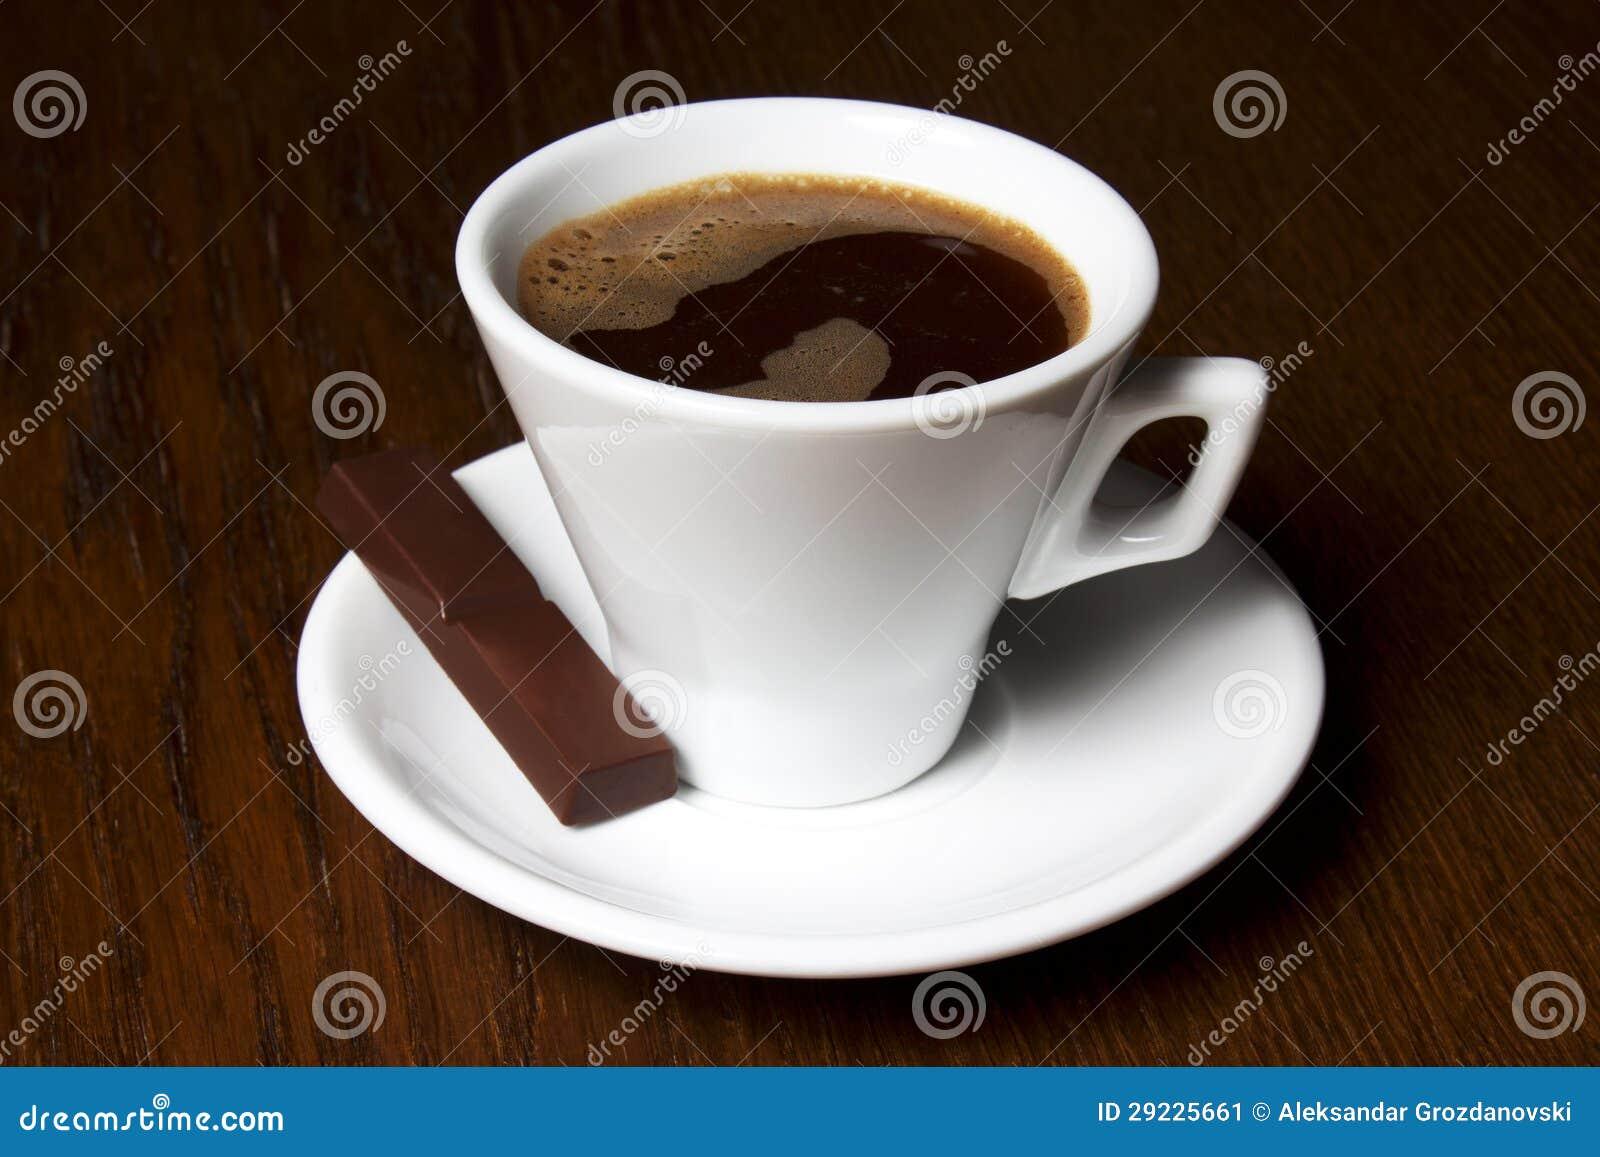 Download Coffe Coloca Doces De Chocolate Imagem de Stock - Imagem de doce, espresso: 29225661